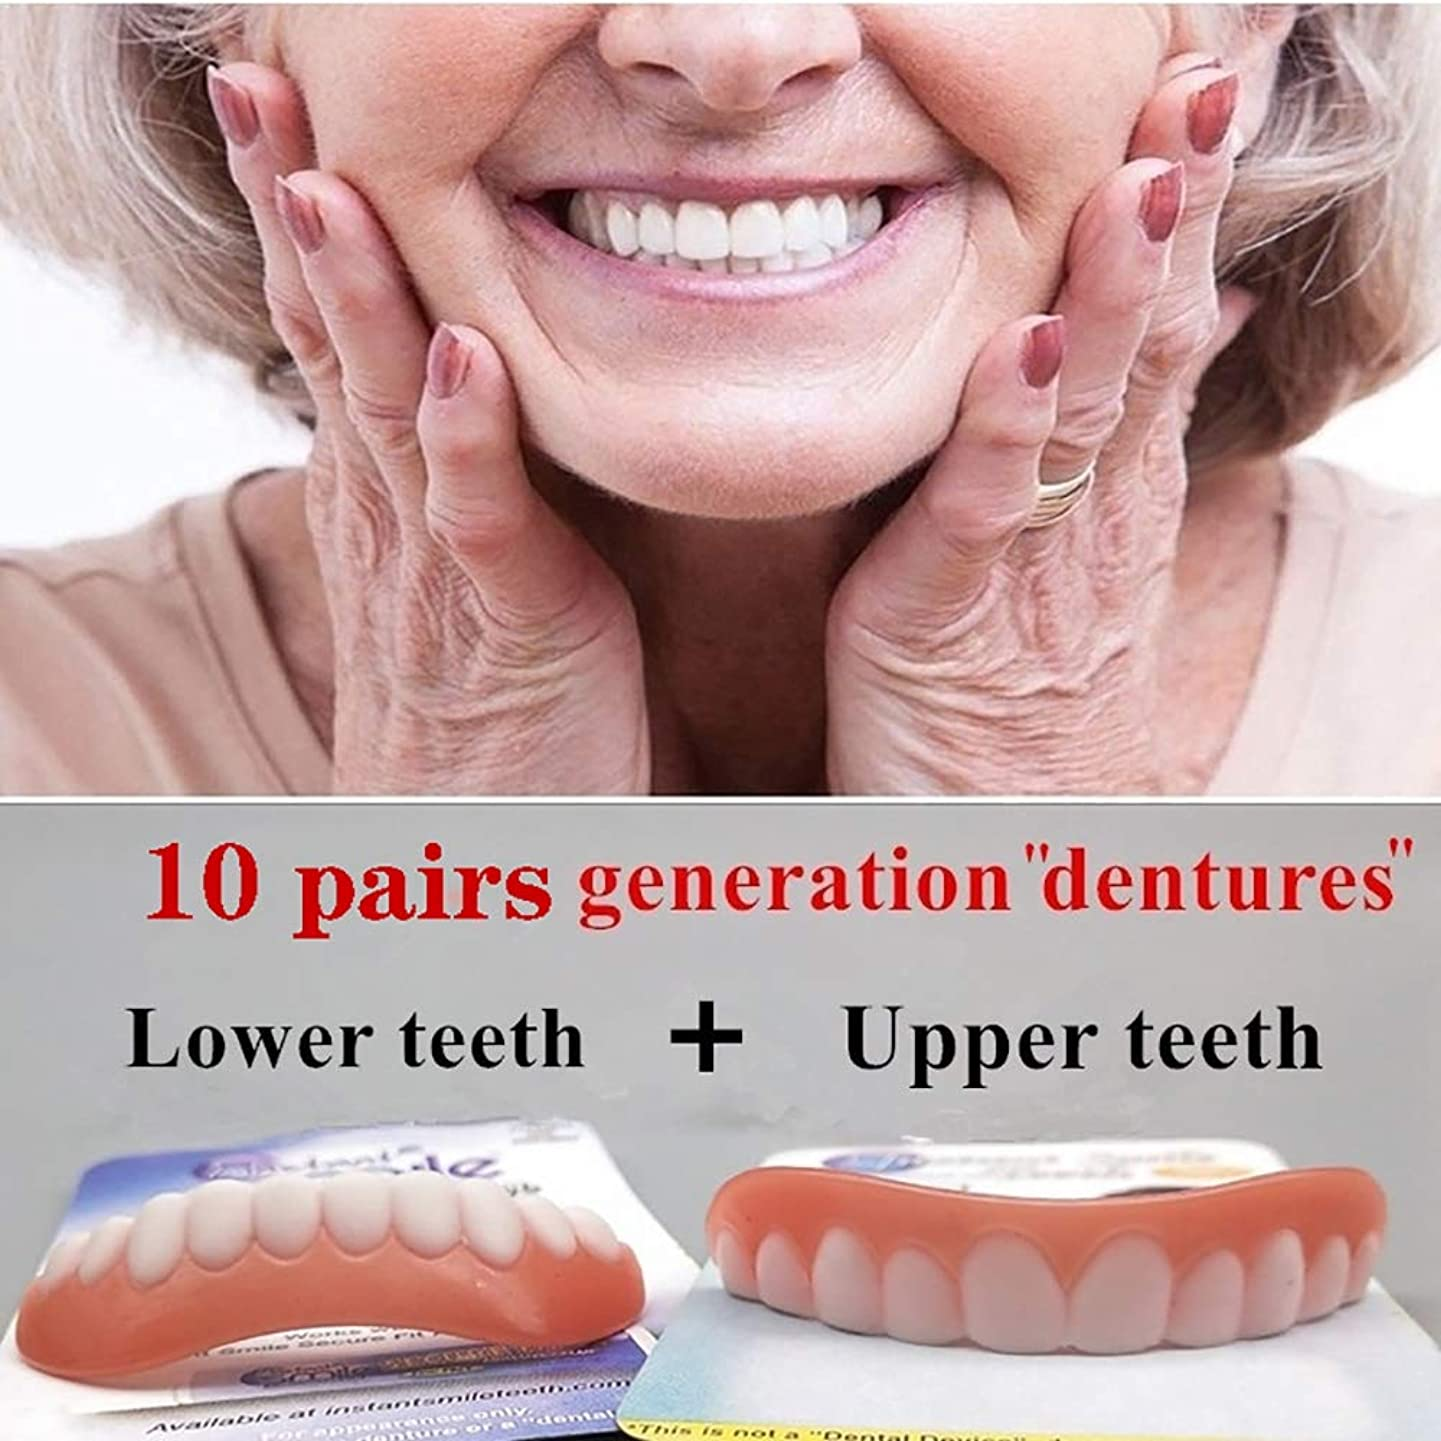 説教する高層ビル社会主義者20個の歯のベニヤ化粧品の歯スナップオンセキュアアッパーローワーコンフォートフィット歯のベニヤセキュアインスタント笑顔化粧品ワンサイズはすべての義歯のケアツールにフィット